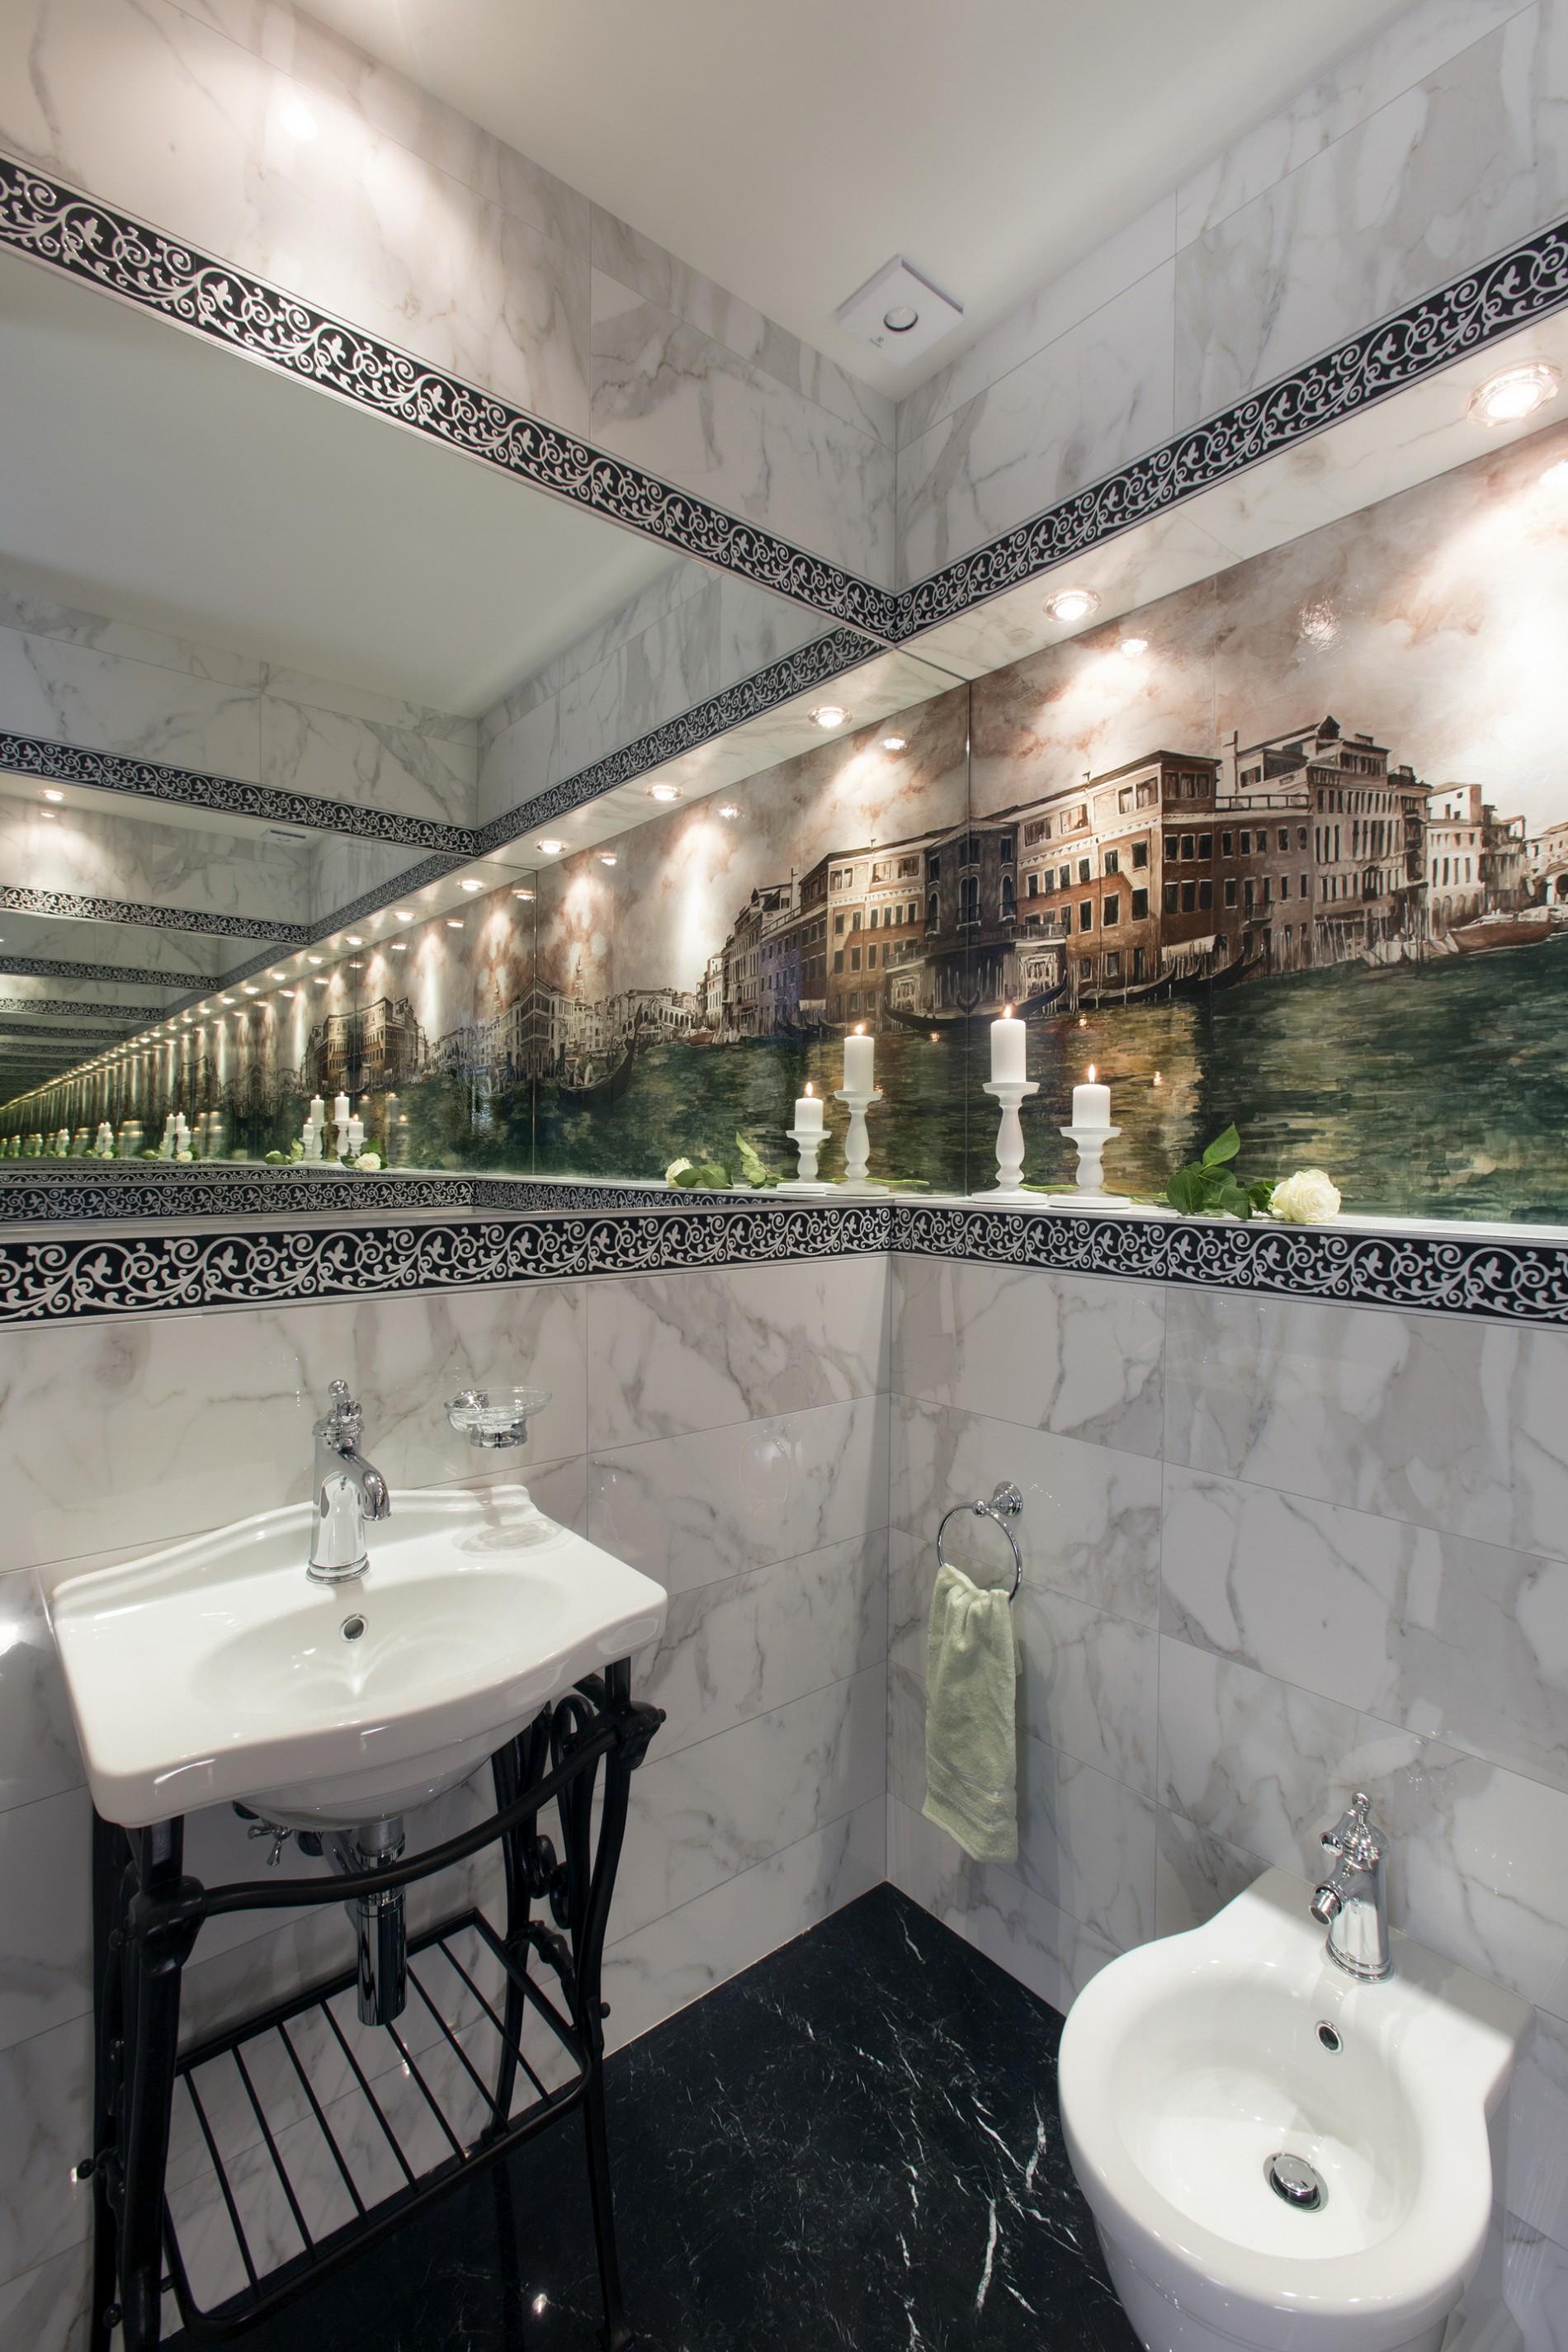 Панно Венеция в зеркале в санузле